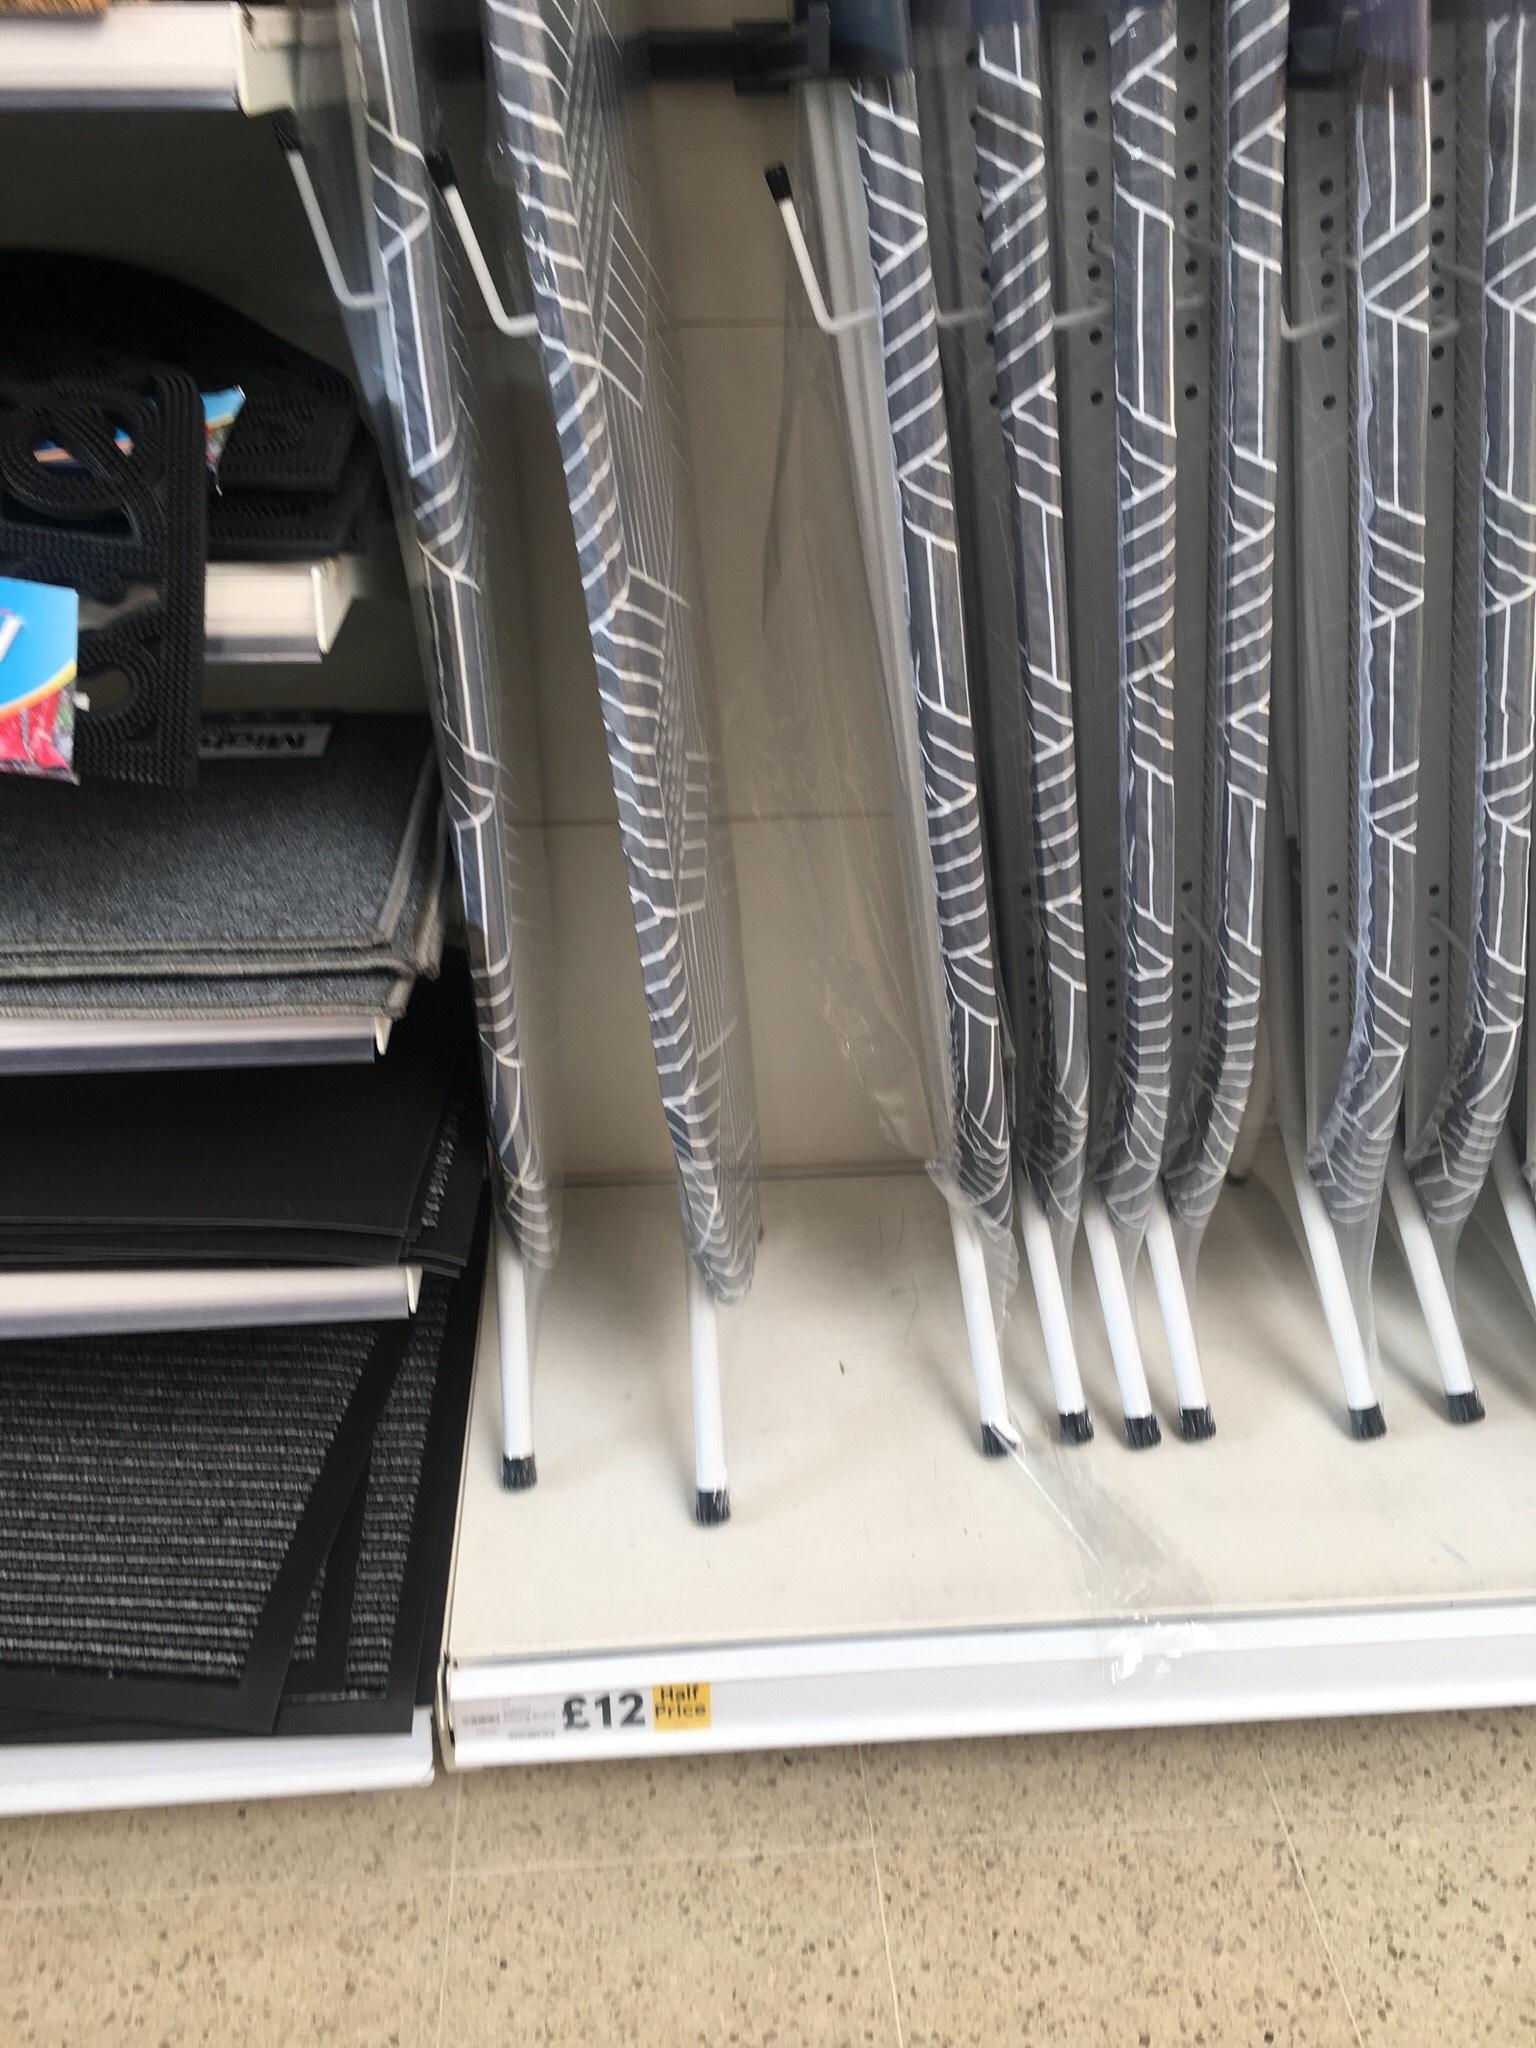 Sabichi grey Geo ironing board £12.50 Tesco in store